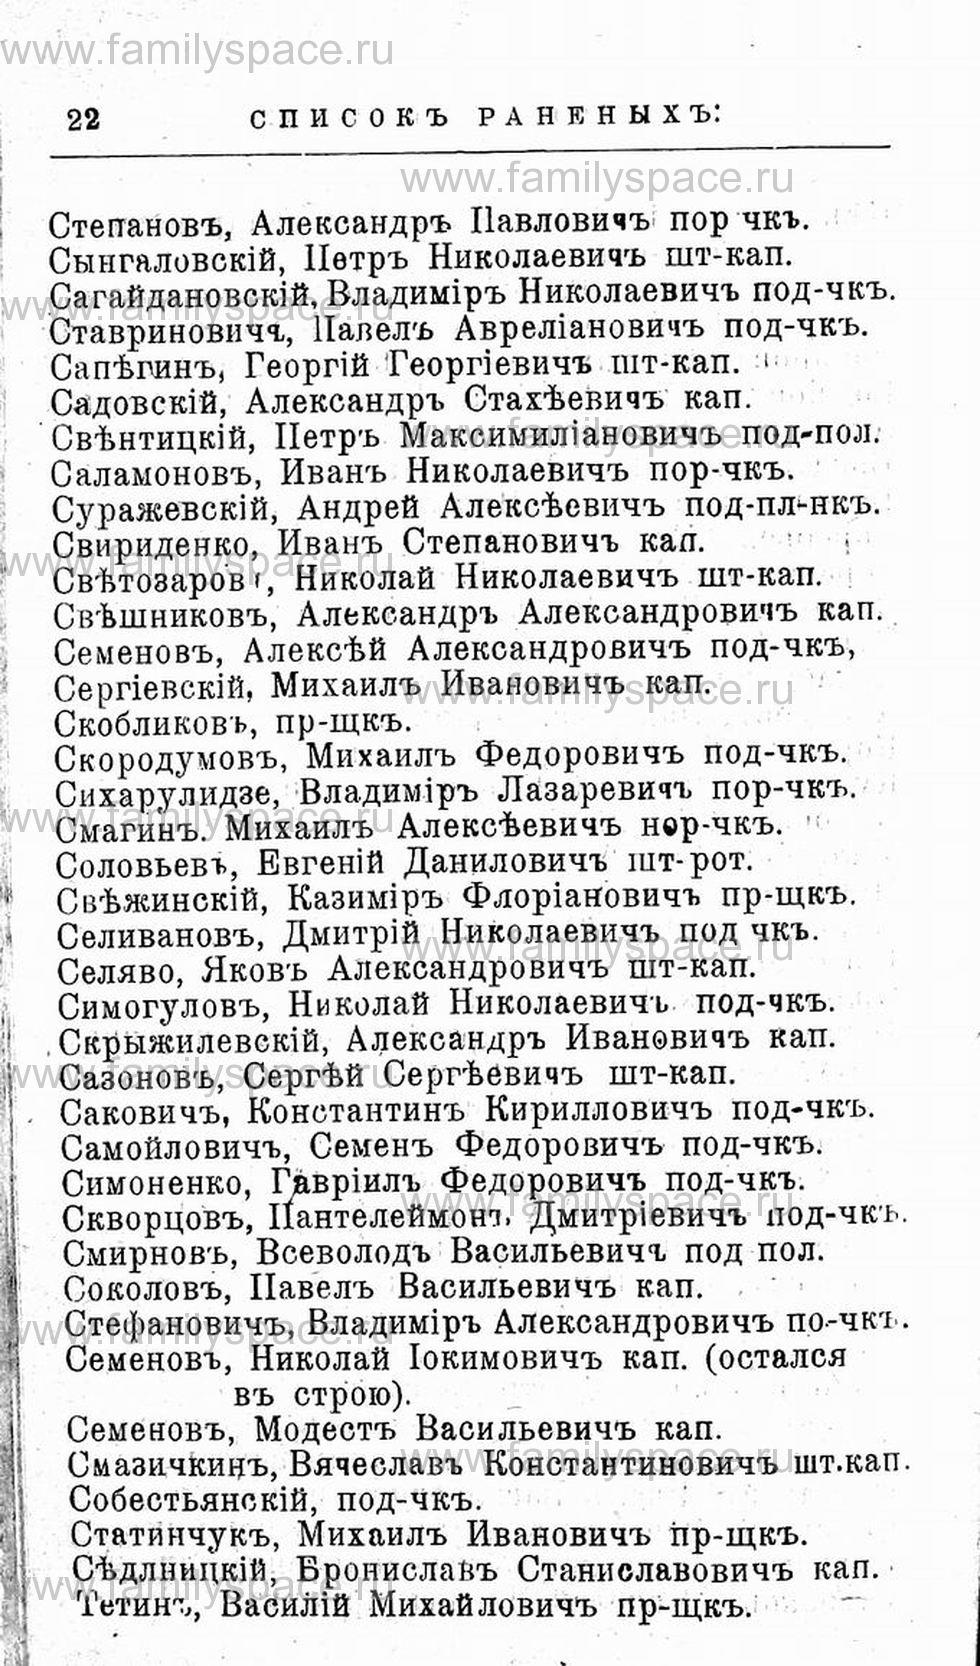 Поиск по фамилии - Первая мировая война - 1914 (списки убитых и раненых), страница 22